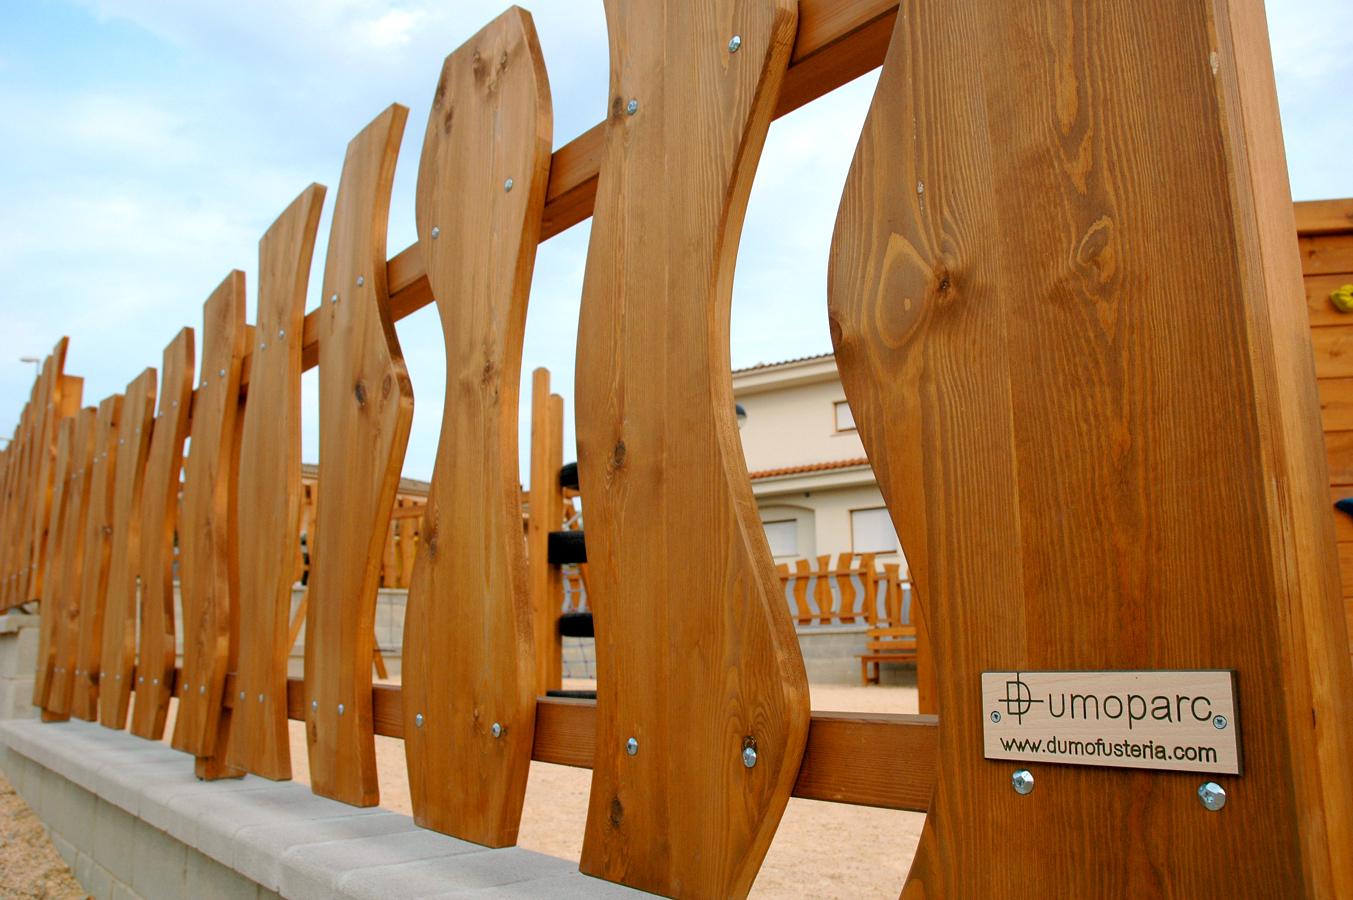 Foto barandilla exterior de dumo fusteria s l 261568 - Barandillas de madera para exterior ...